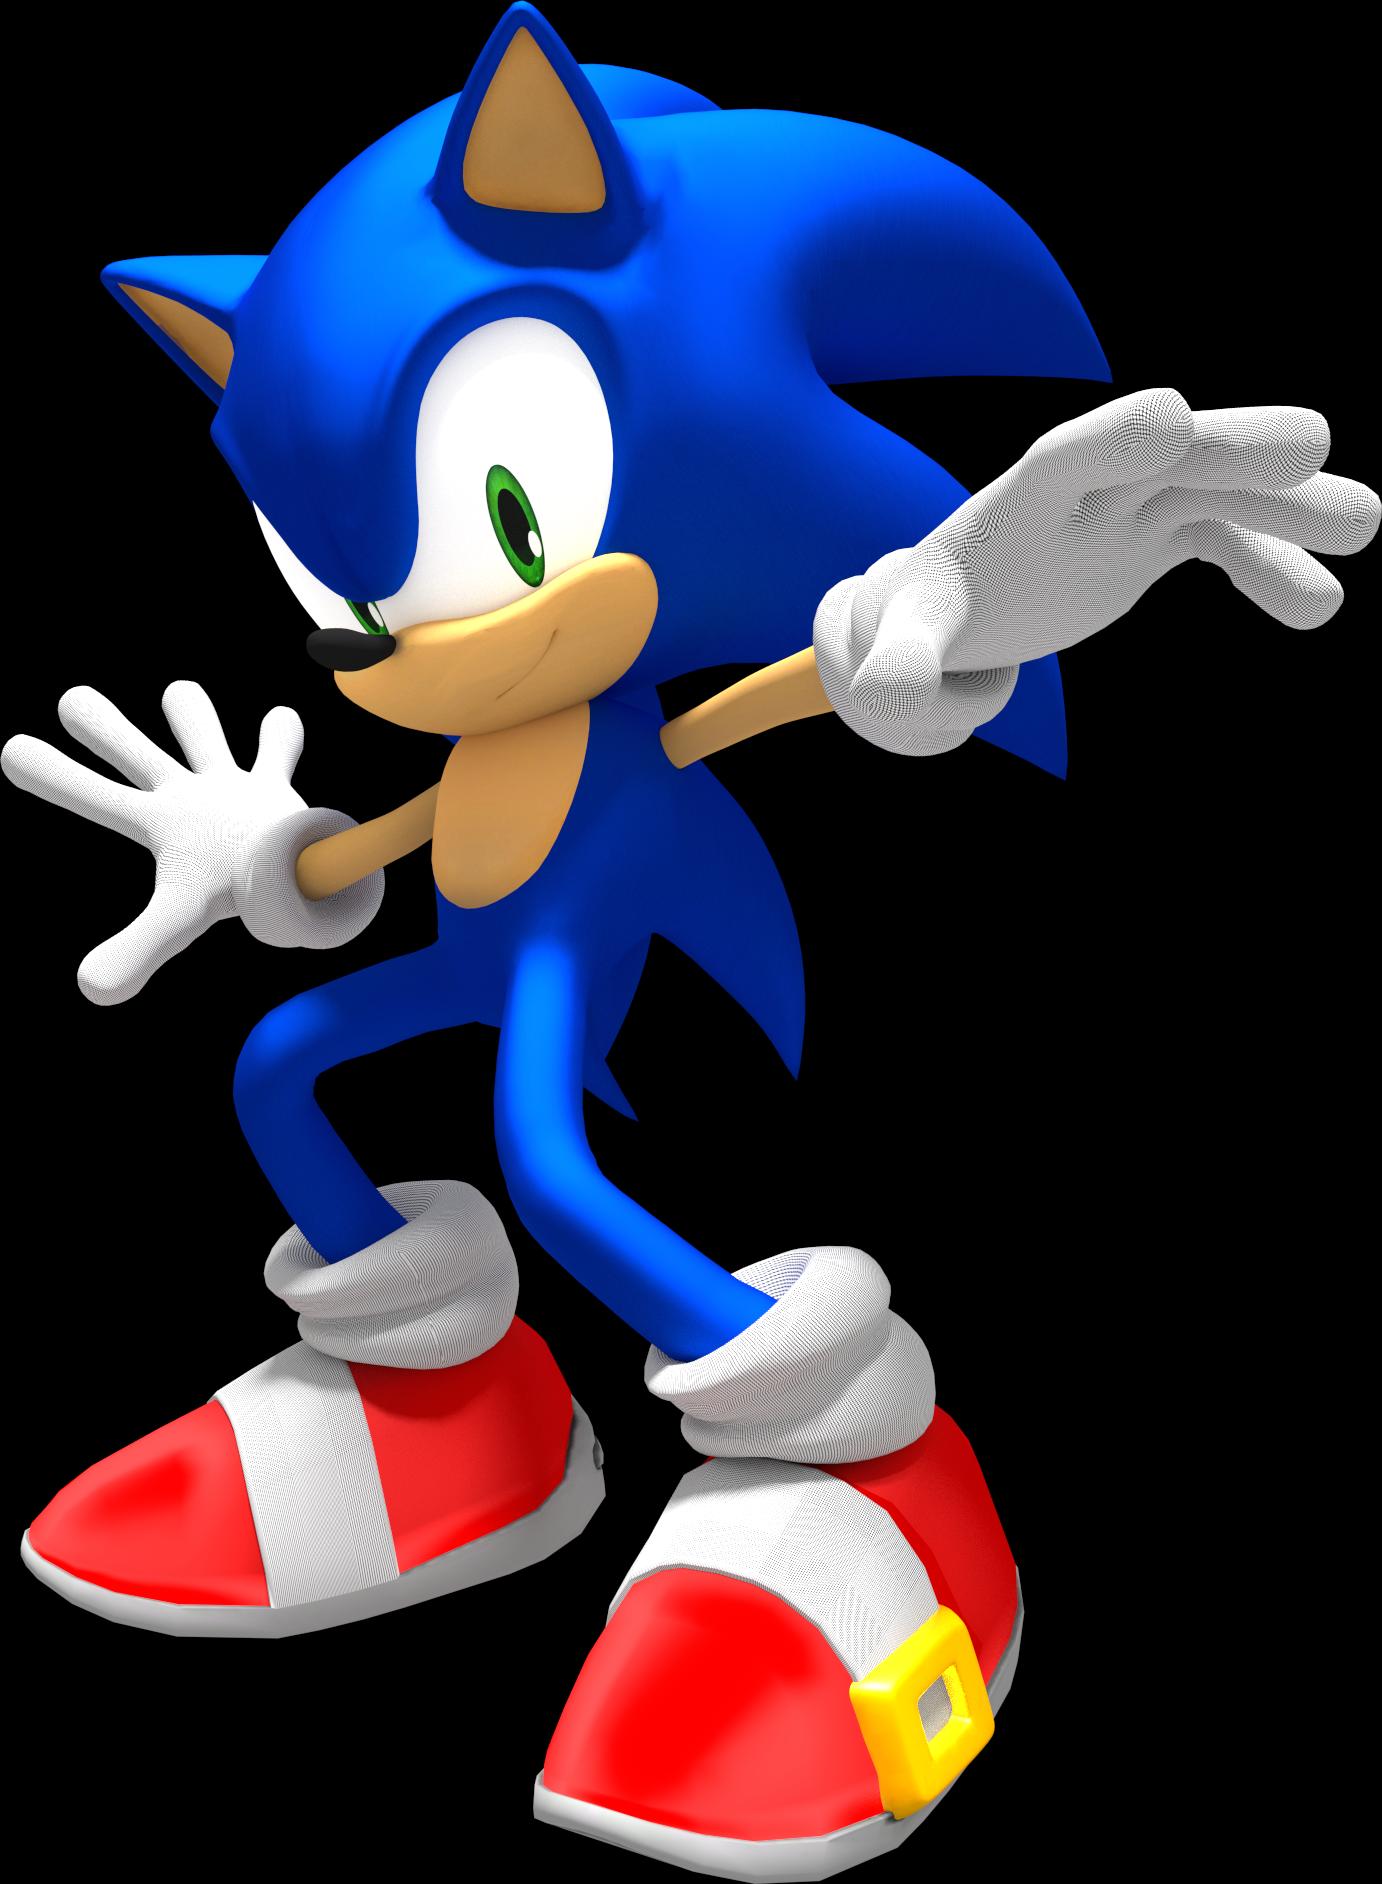 Sonic the Hedgehog [REUPLOAD] by Jogita6 on DeviantArt